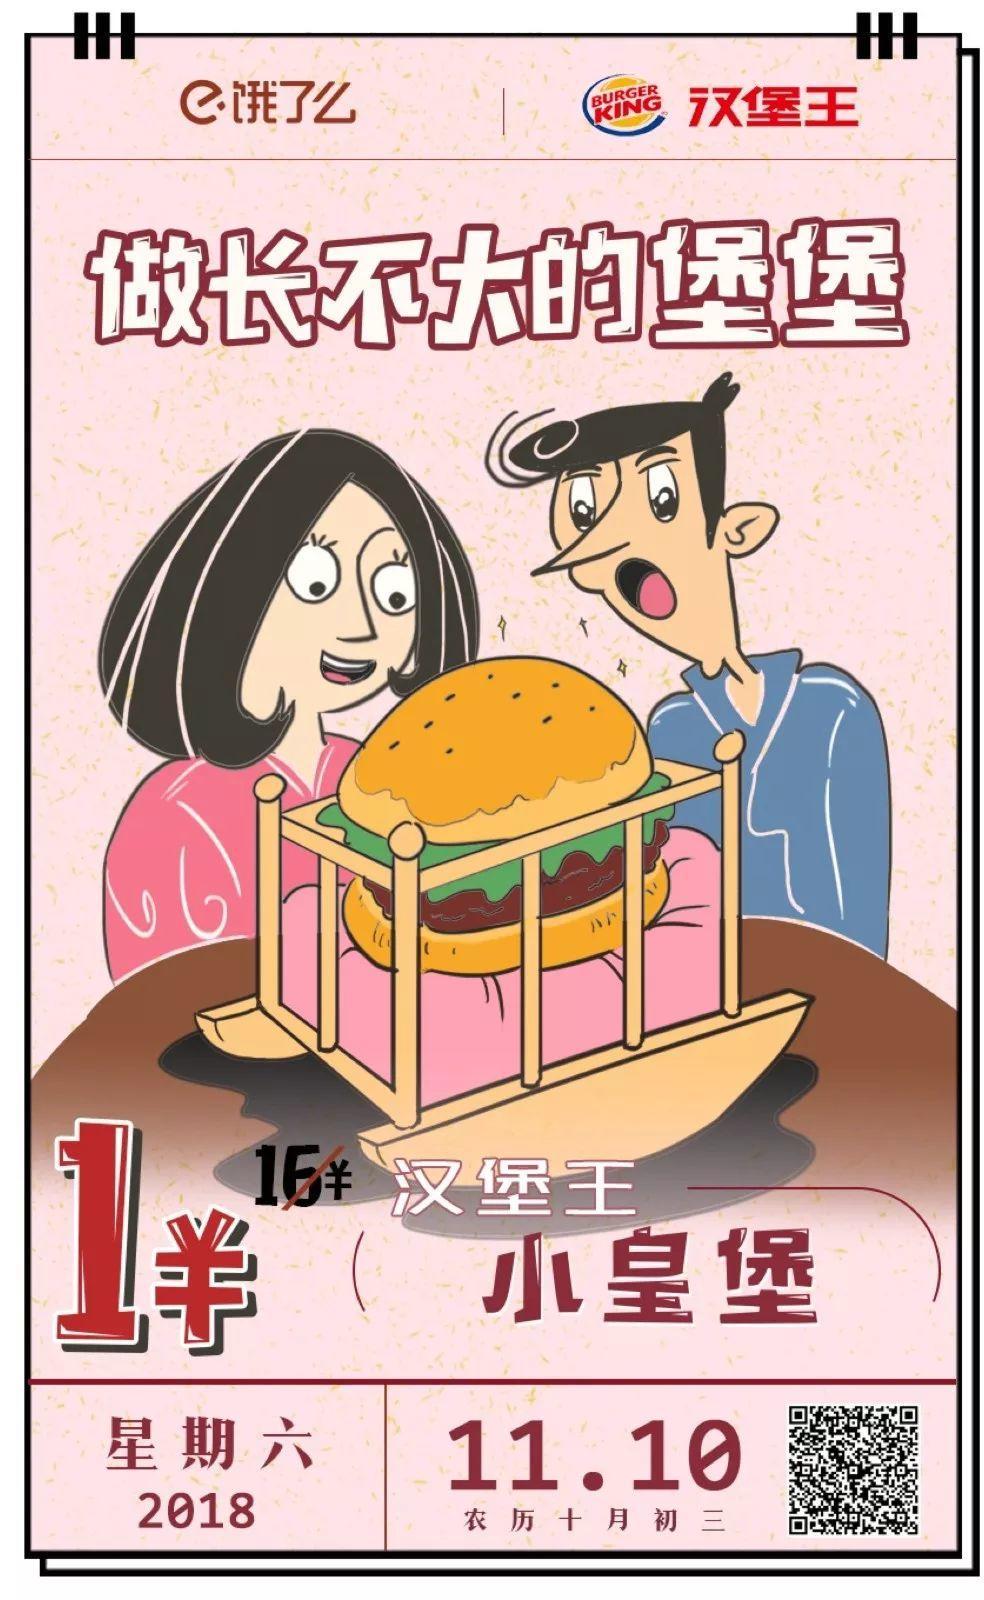 请吃百万大餐!围观饿了么的第一次双11狂欢